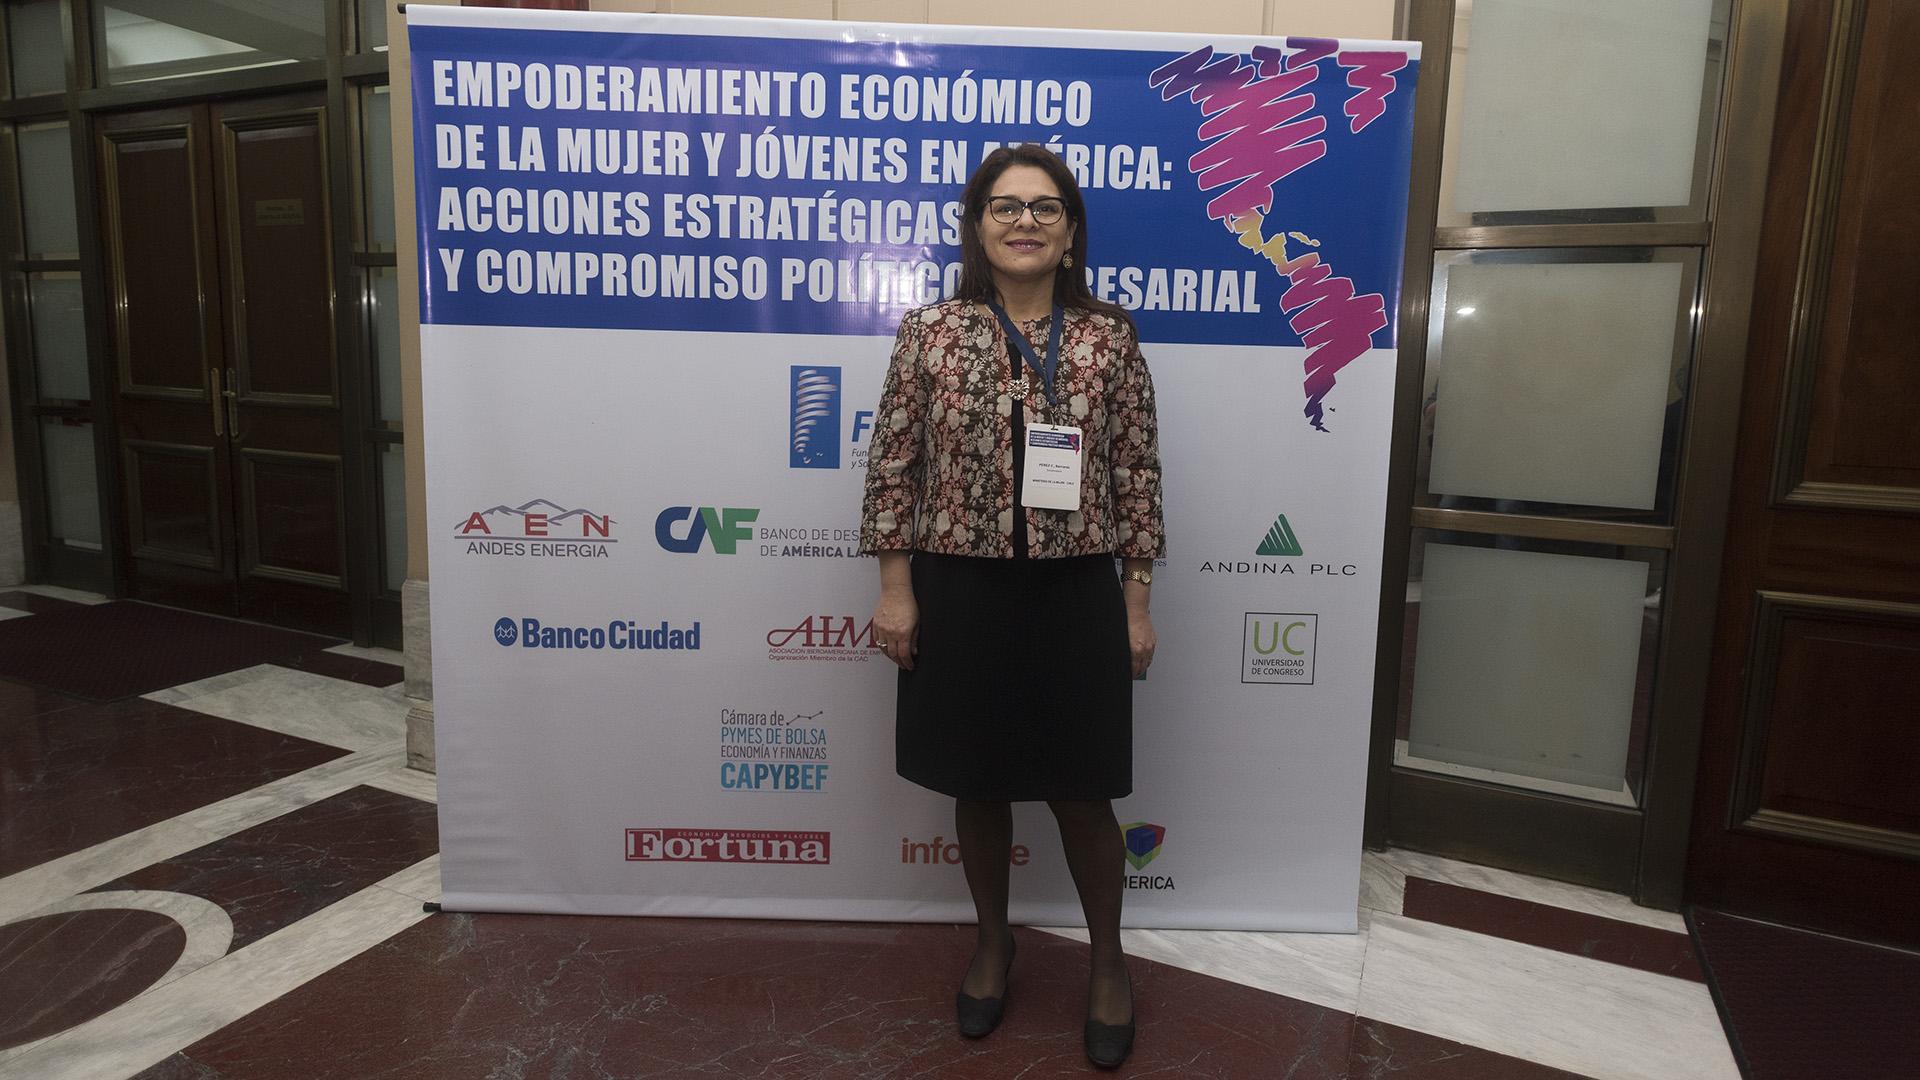 Bernarda Peréz Carillo, Ministerio de la Mujer y la Equidad de Género (Chile) (Adrián Escandar)